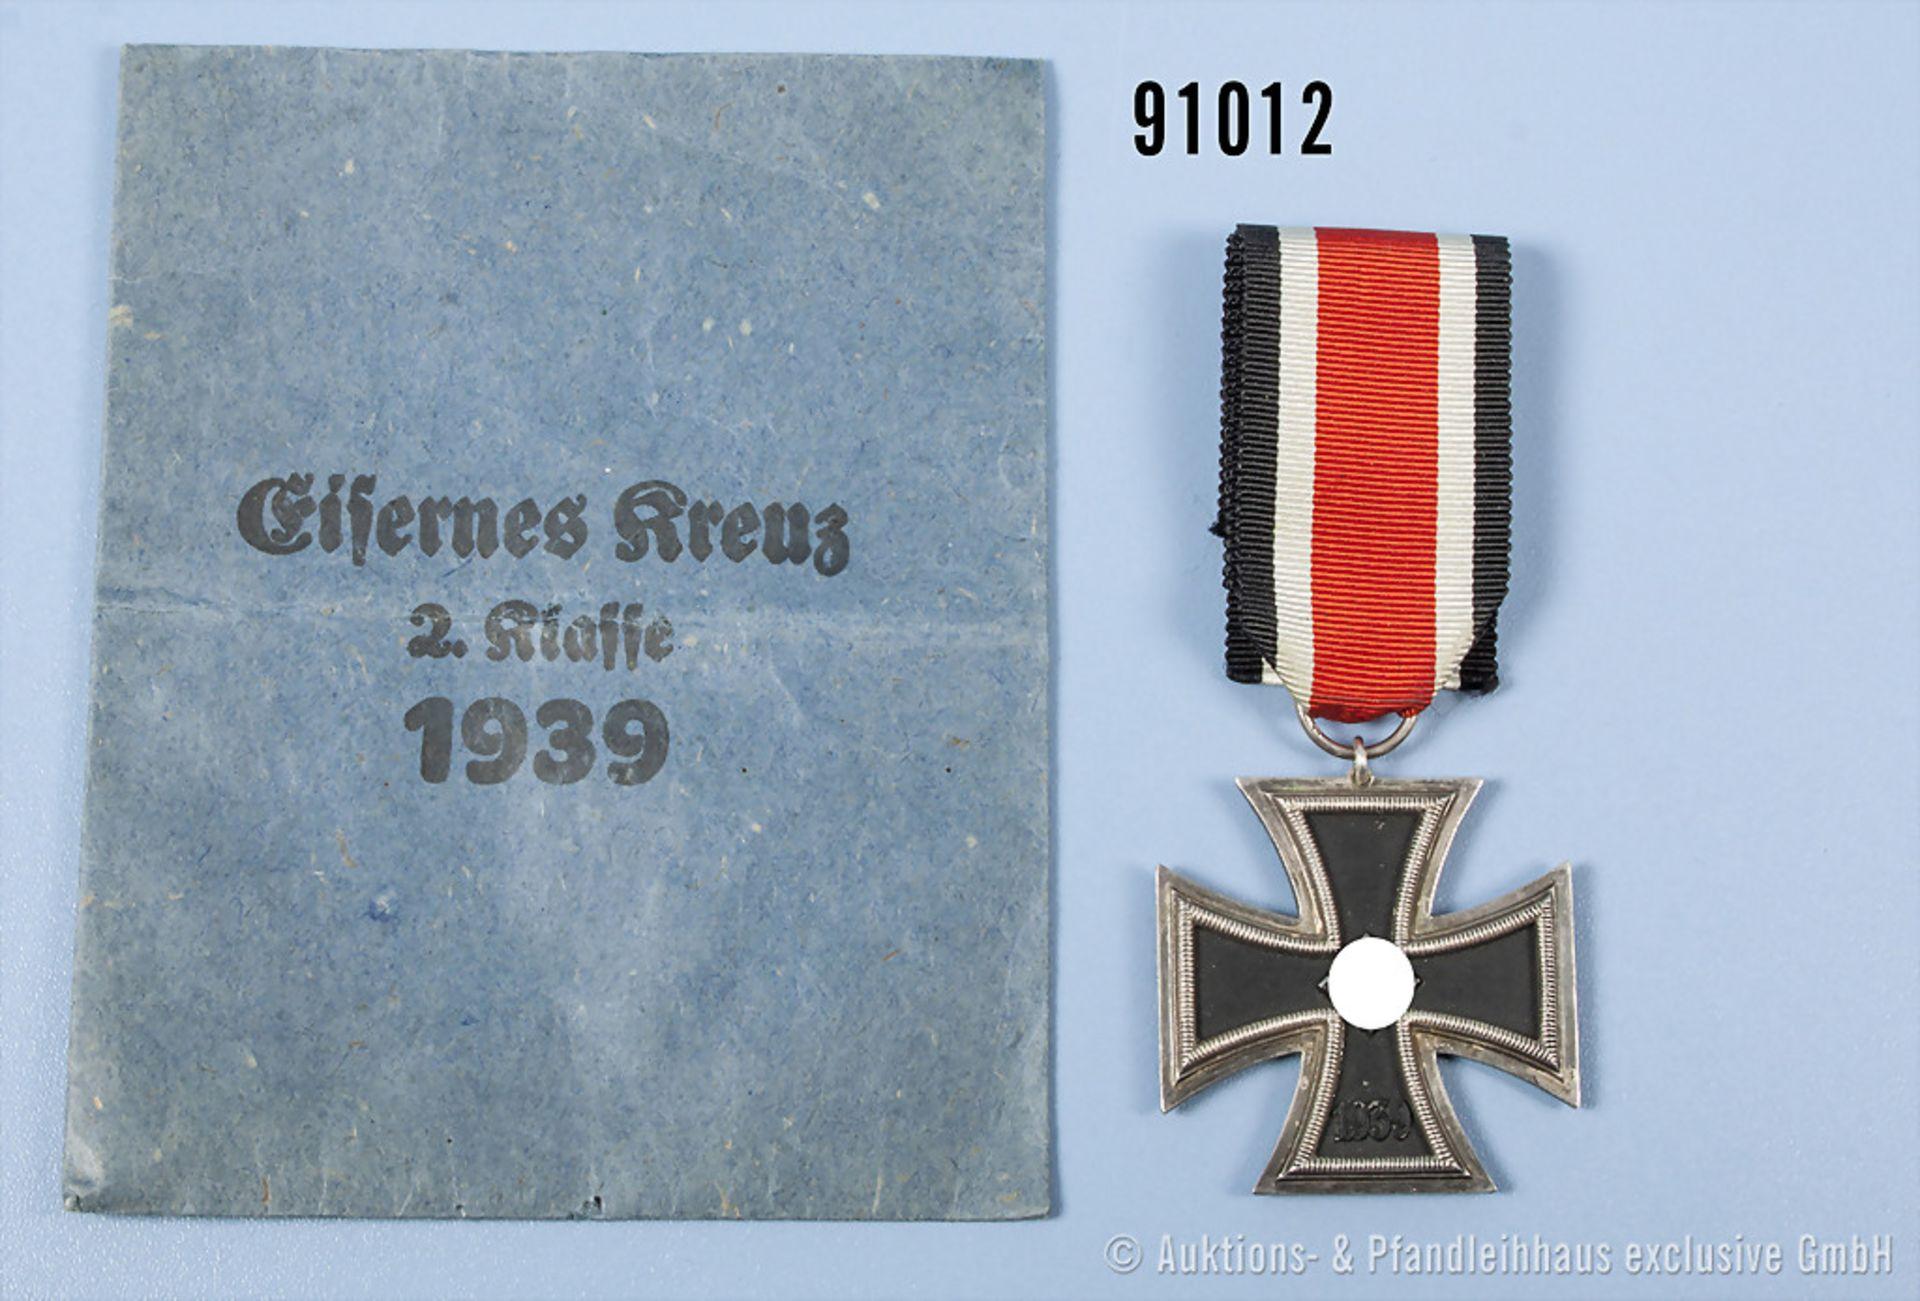 """EK 2 1939, Hersteller """"1"""" im Bandring, mit dazugehöriger Verleihungstüte, guter Zustand, teilweise"""